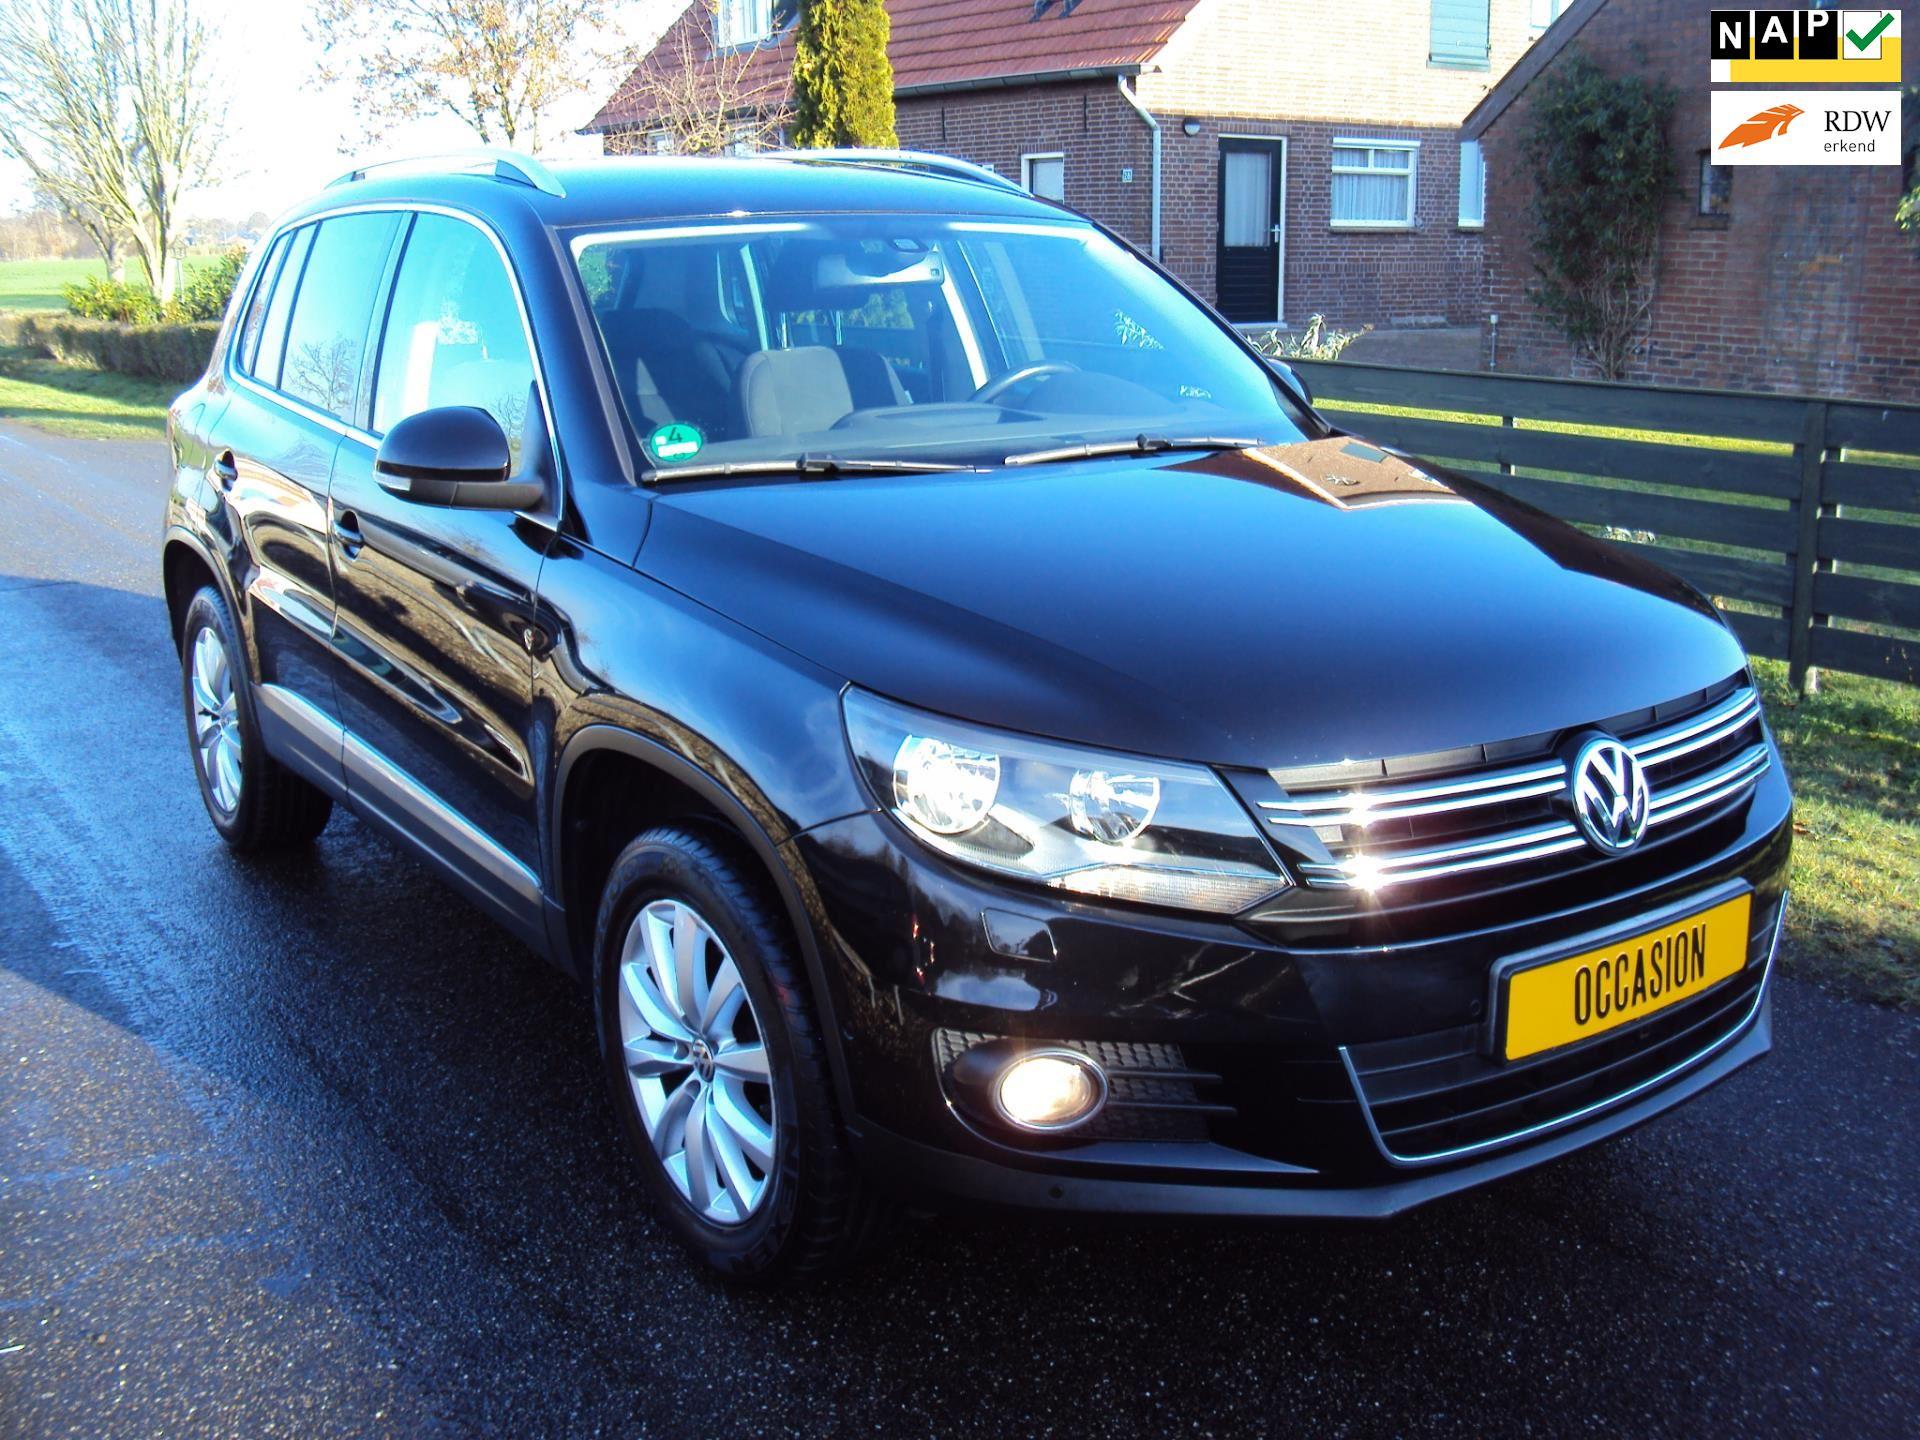 Volkswagen Tiguan occasion - Autobedrijf Berentsen